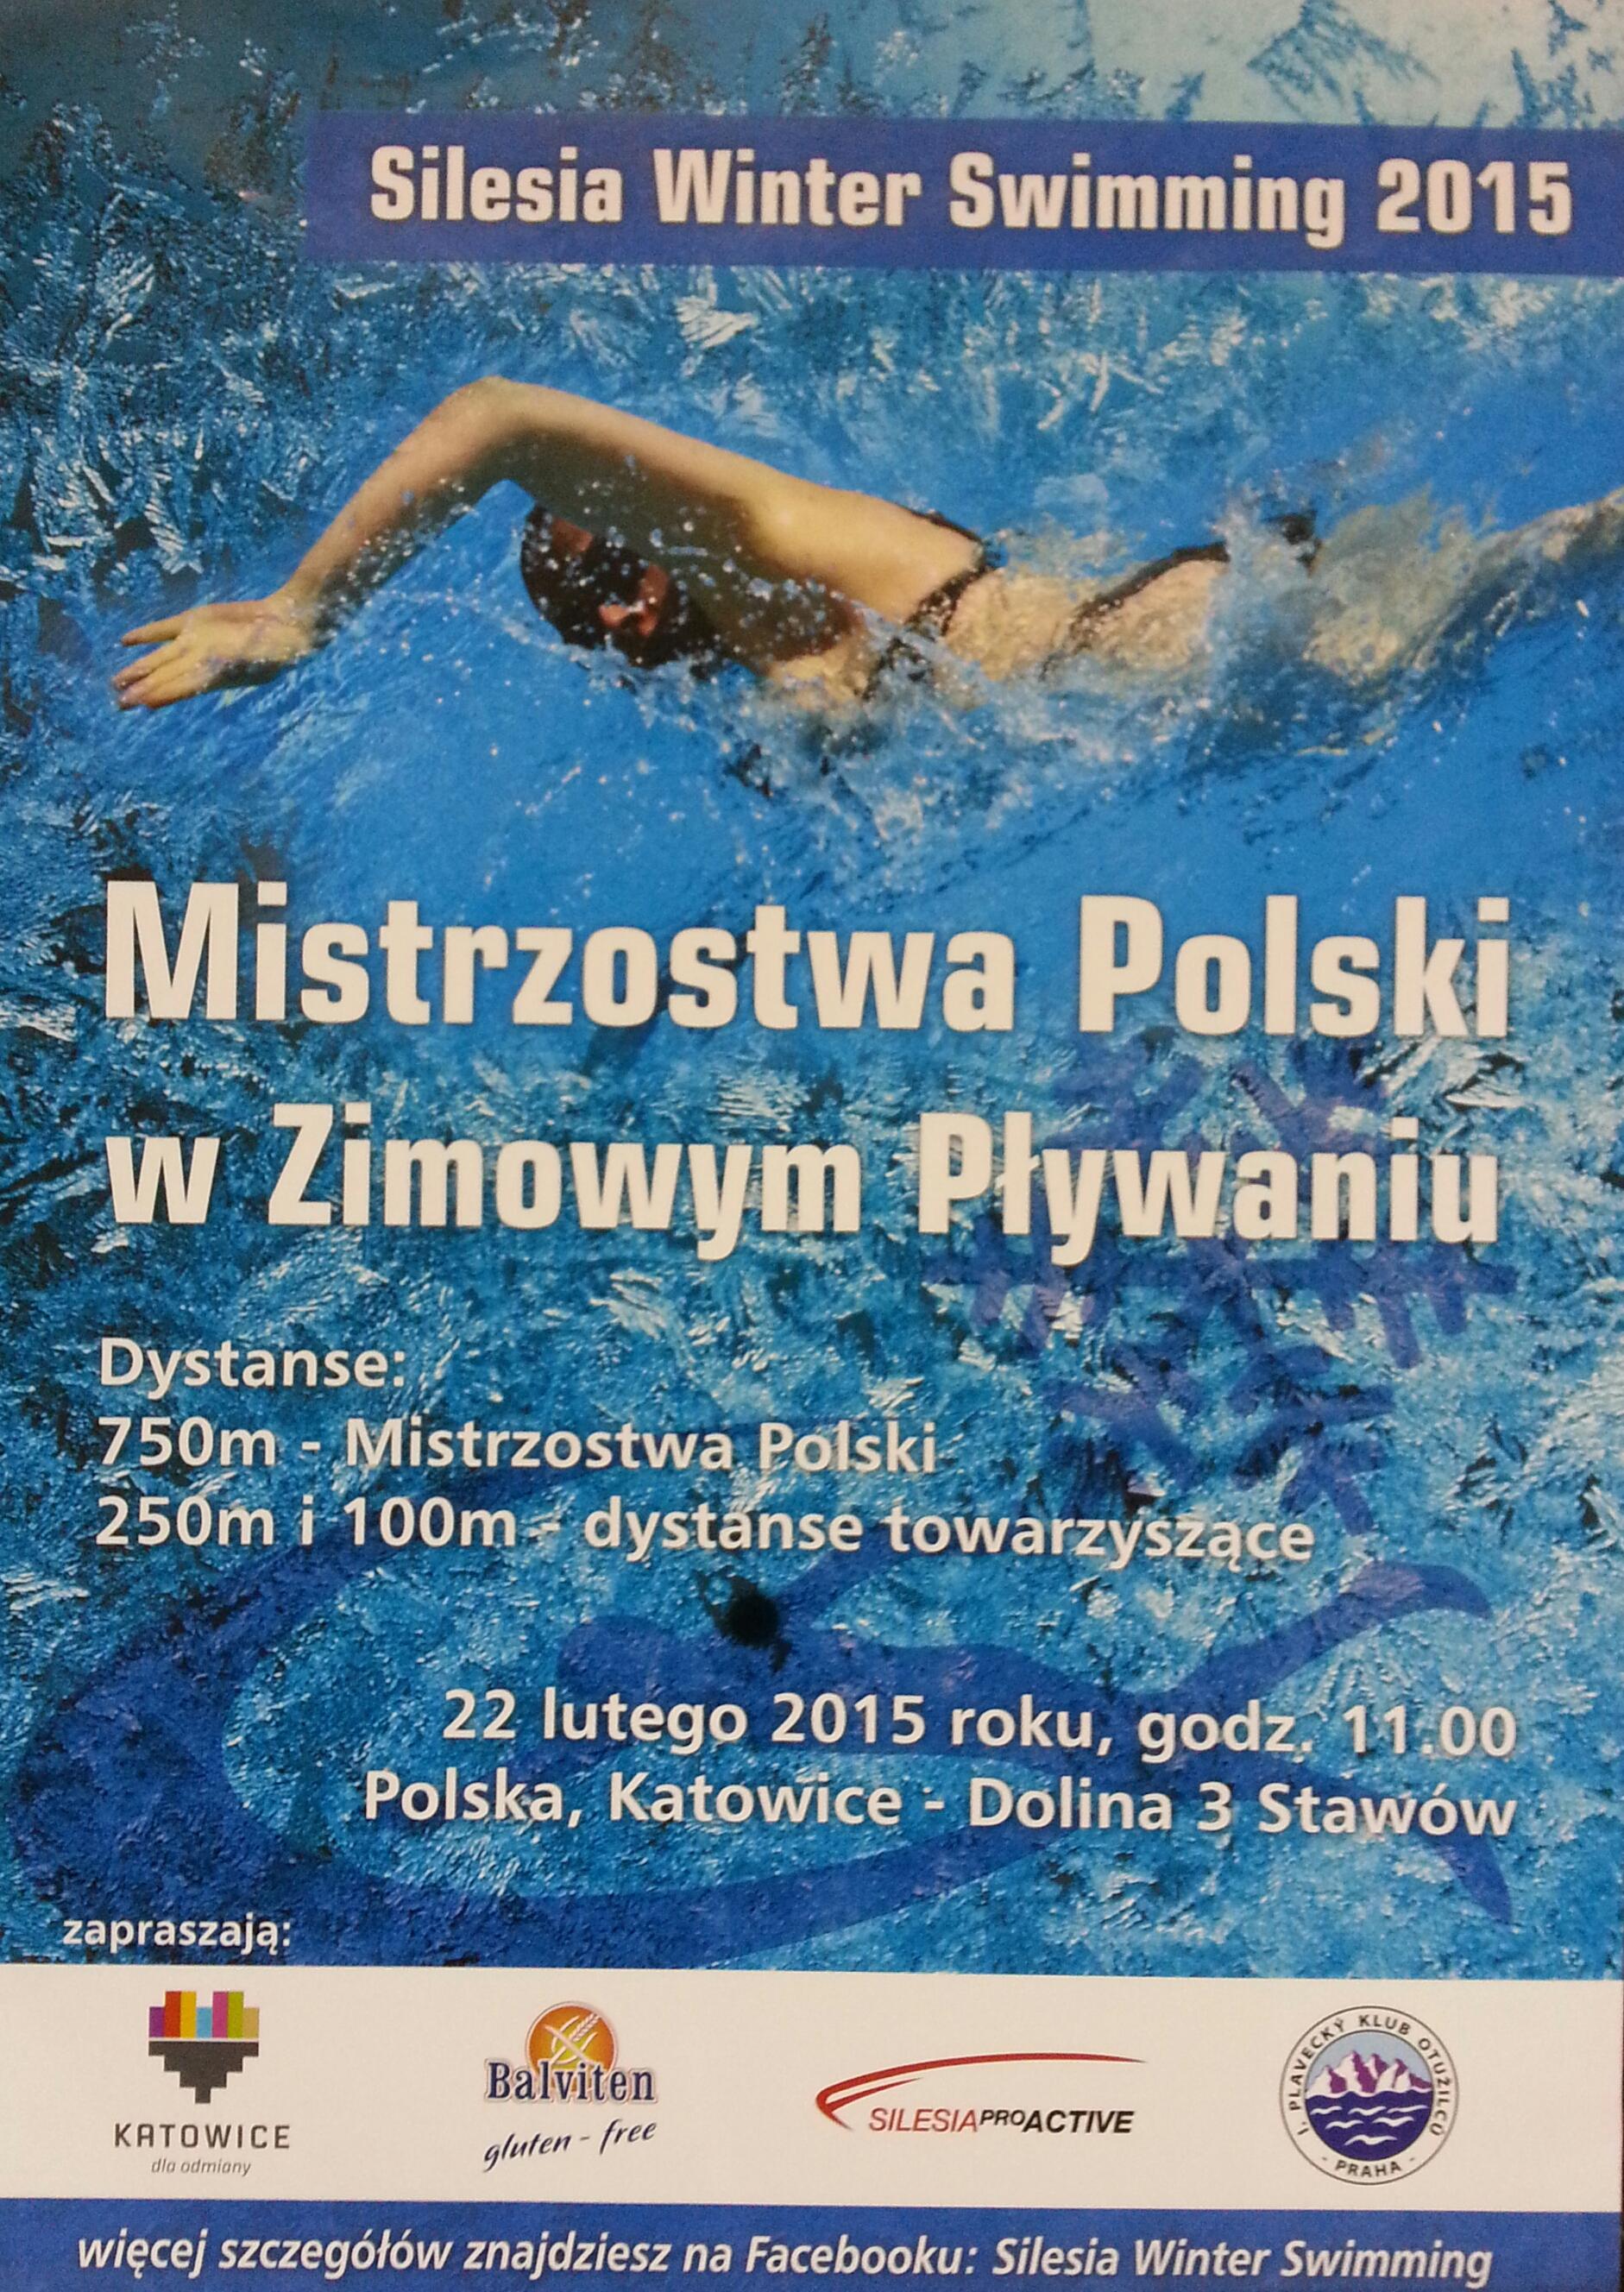 Mistrzostwa Polski w zimowym pływaniu